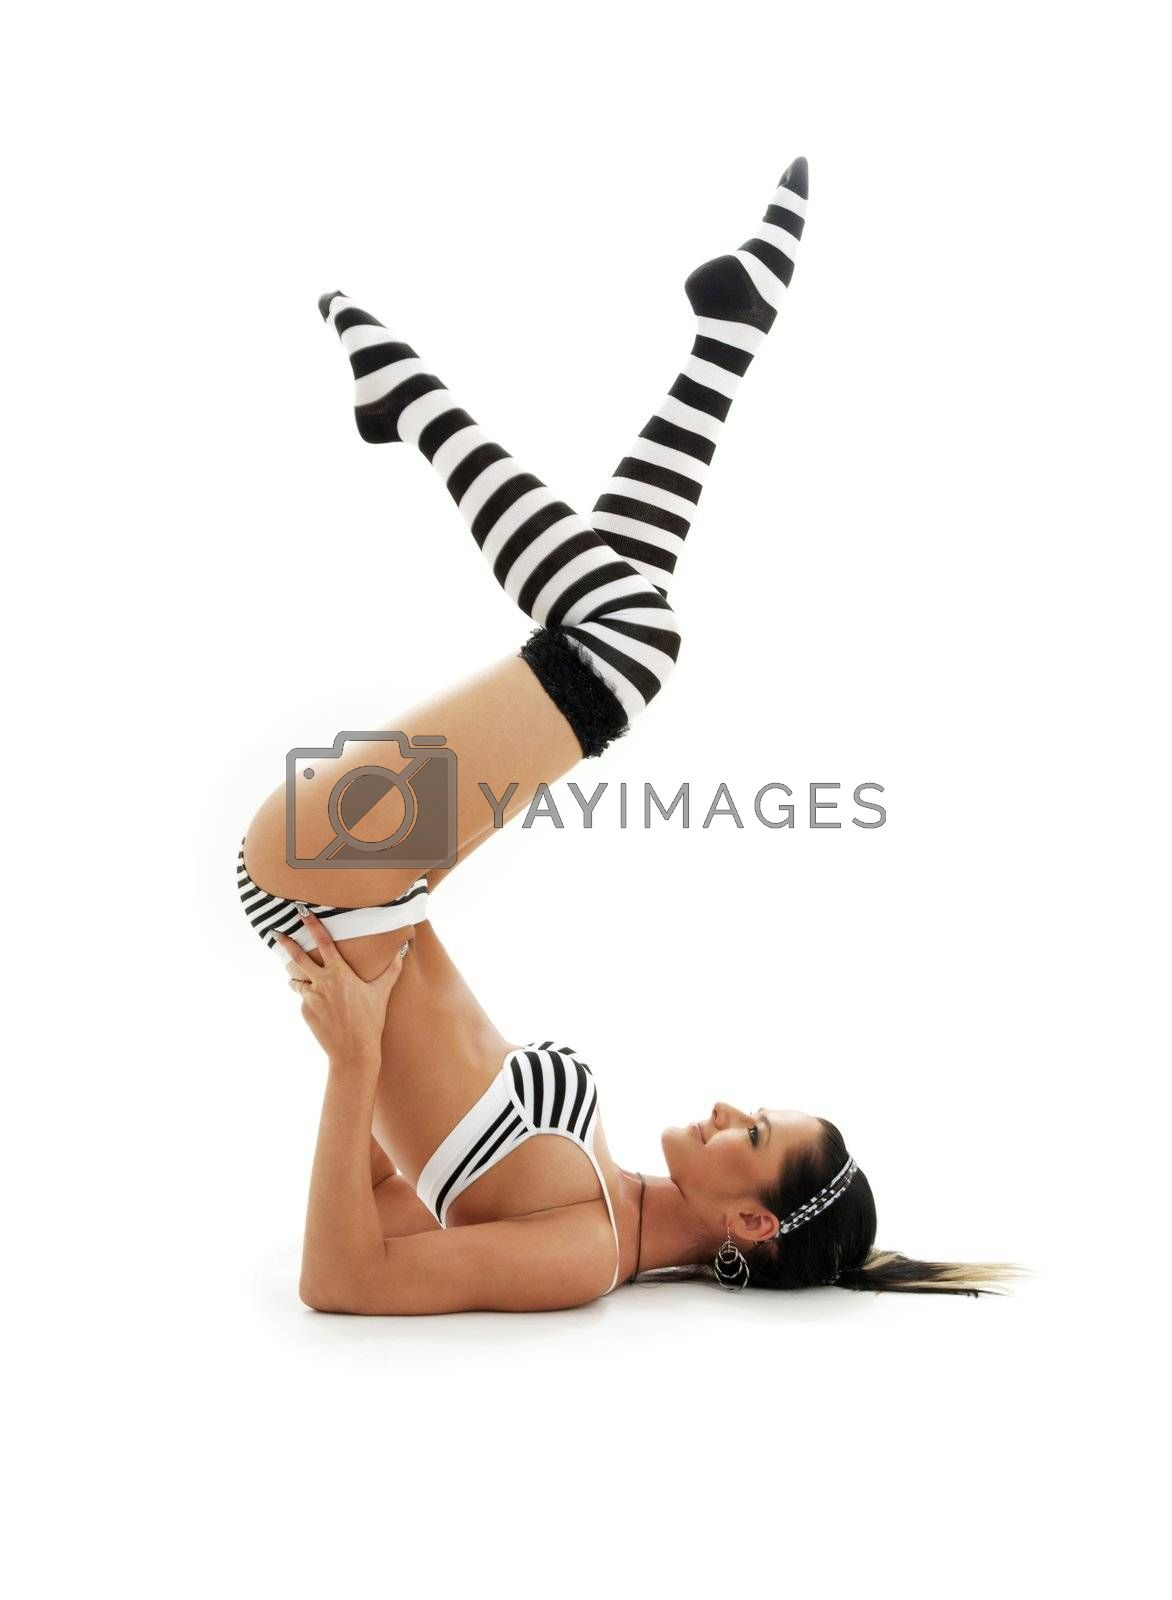 striped underwear girl practicing salamba sarvangasana supported shoulderstand